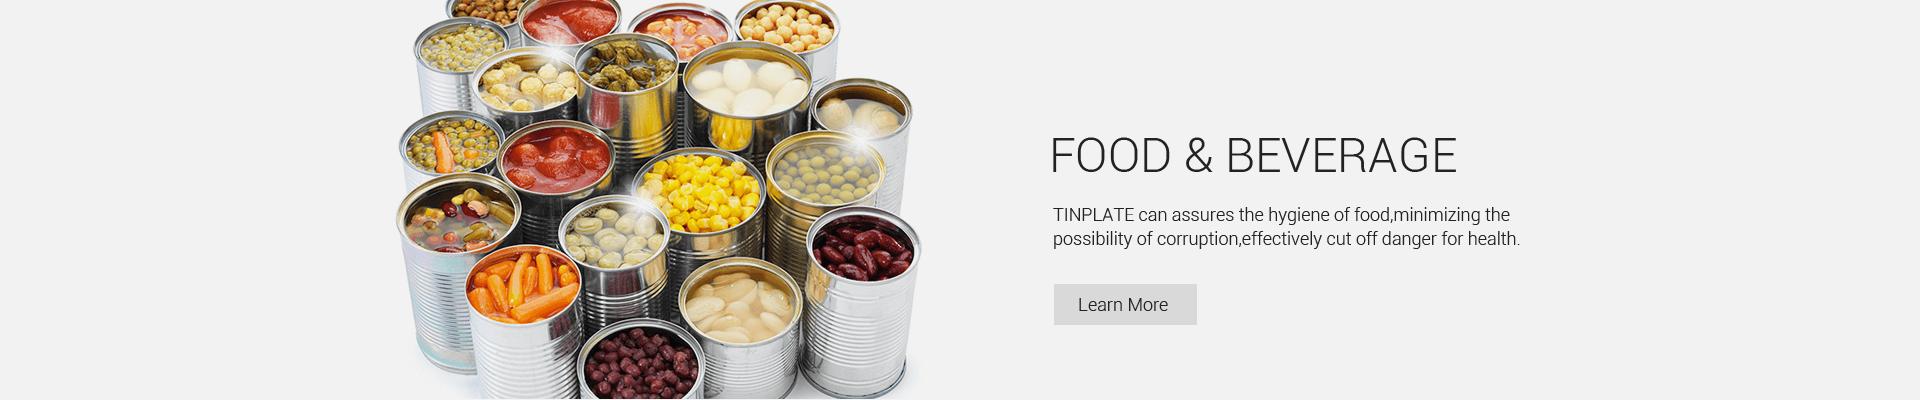 FOOD-&-BEVERAGE